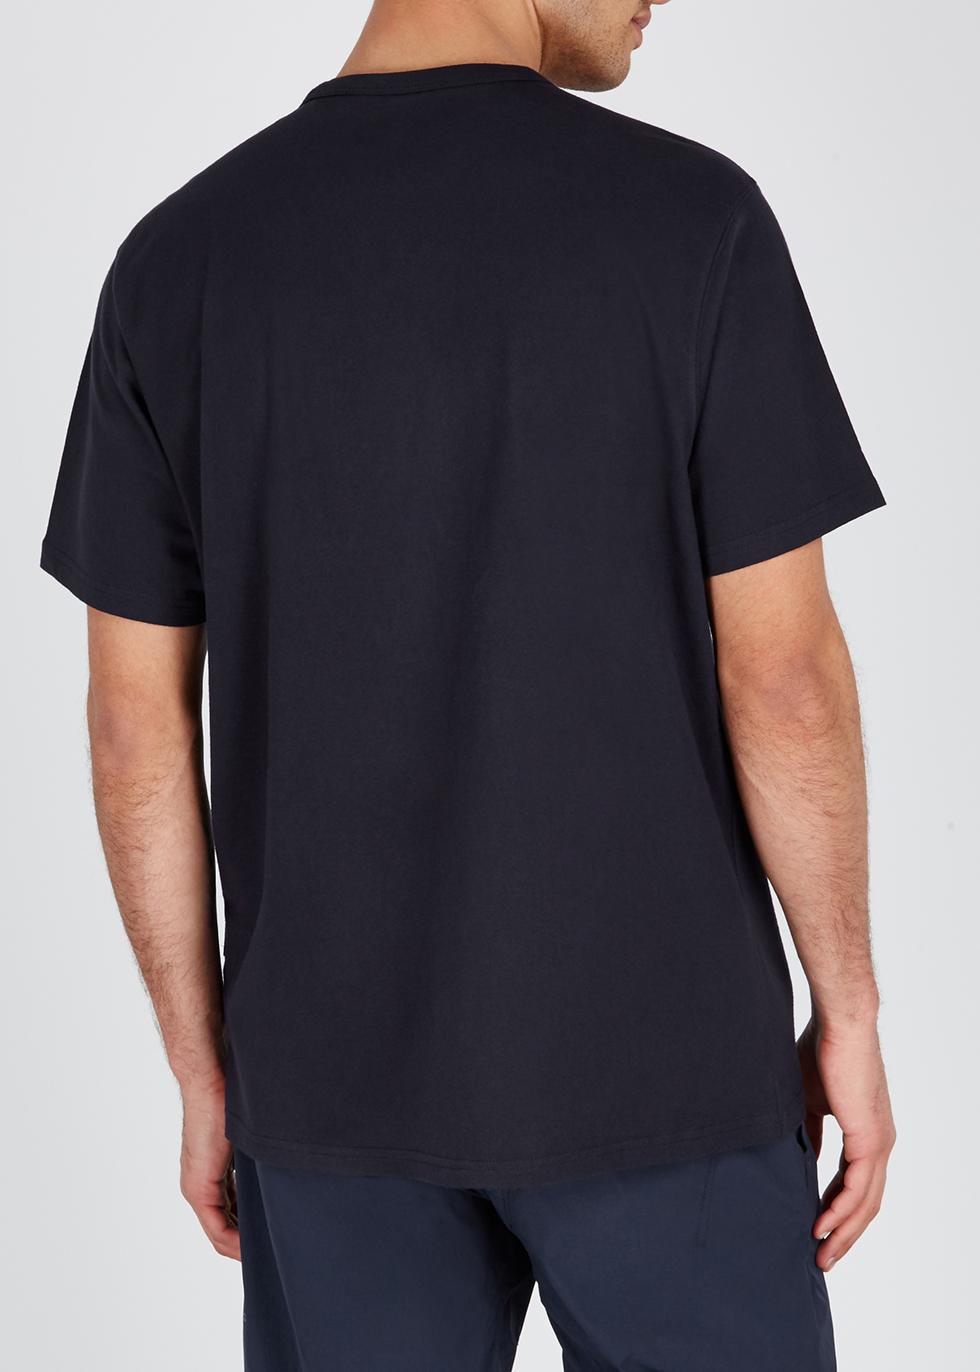 Navy logo cotton T-shirt - maharishi